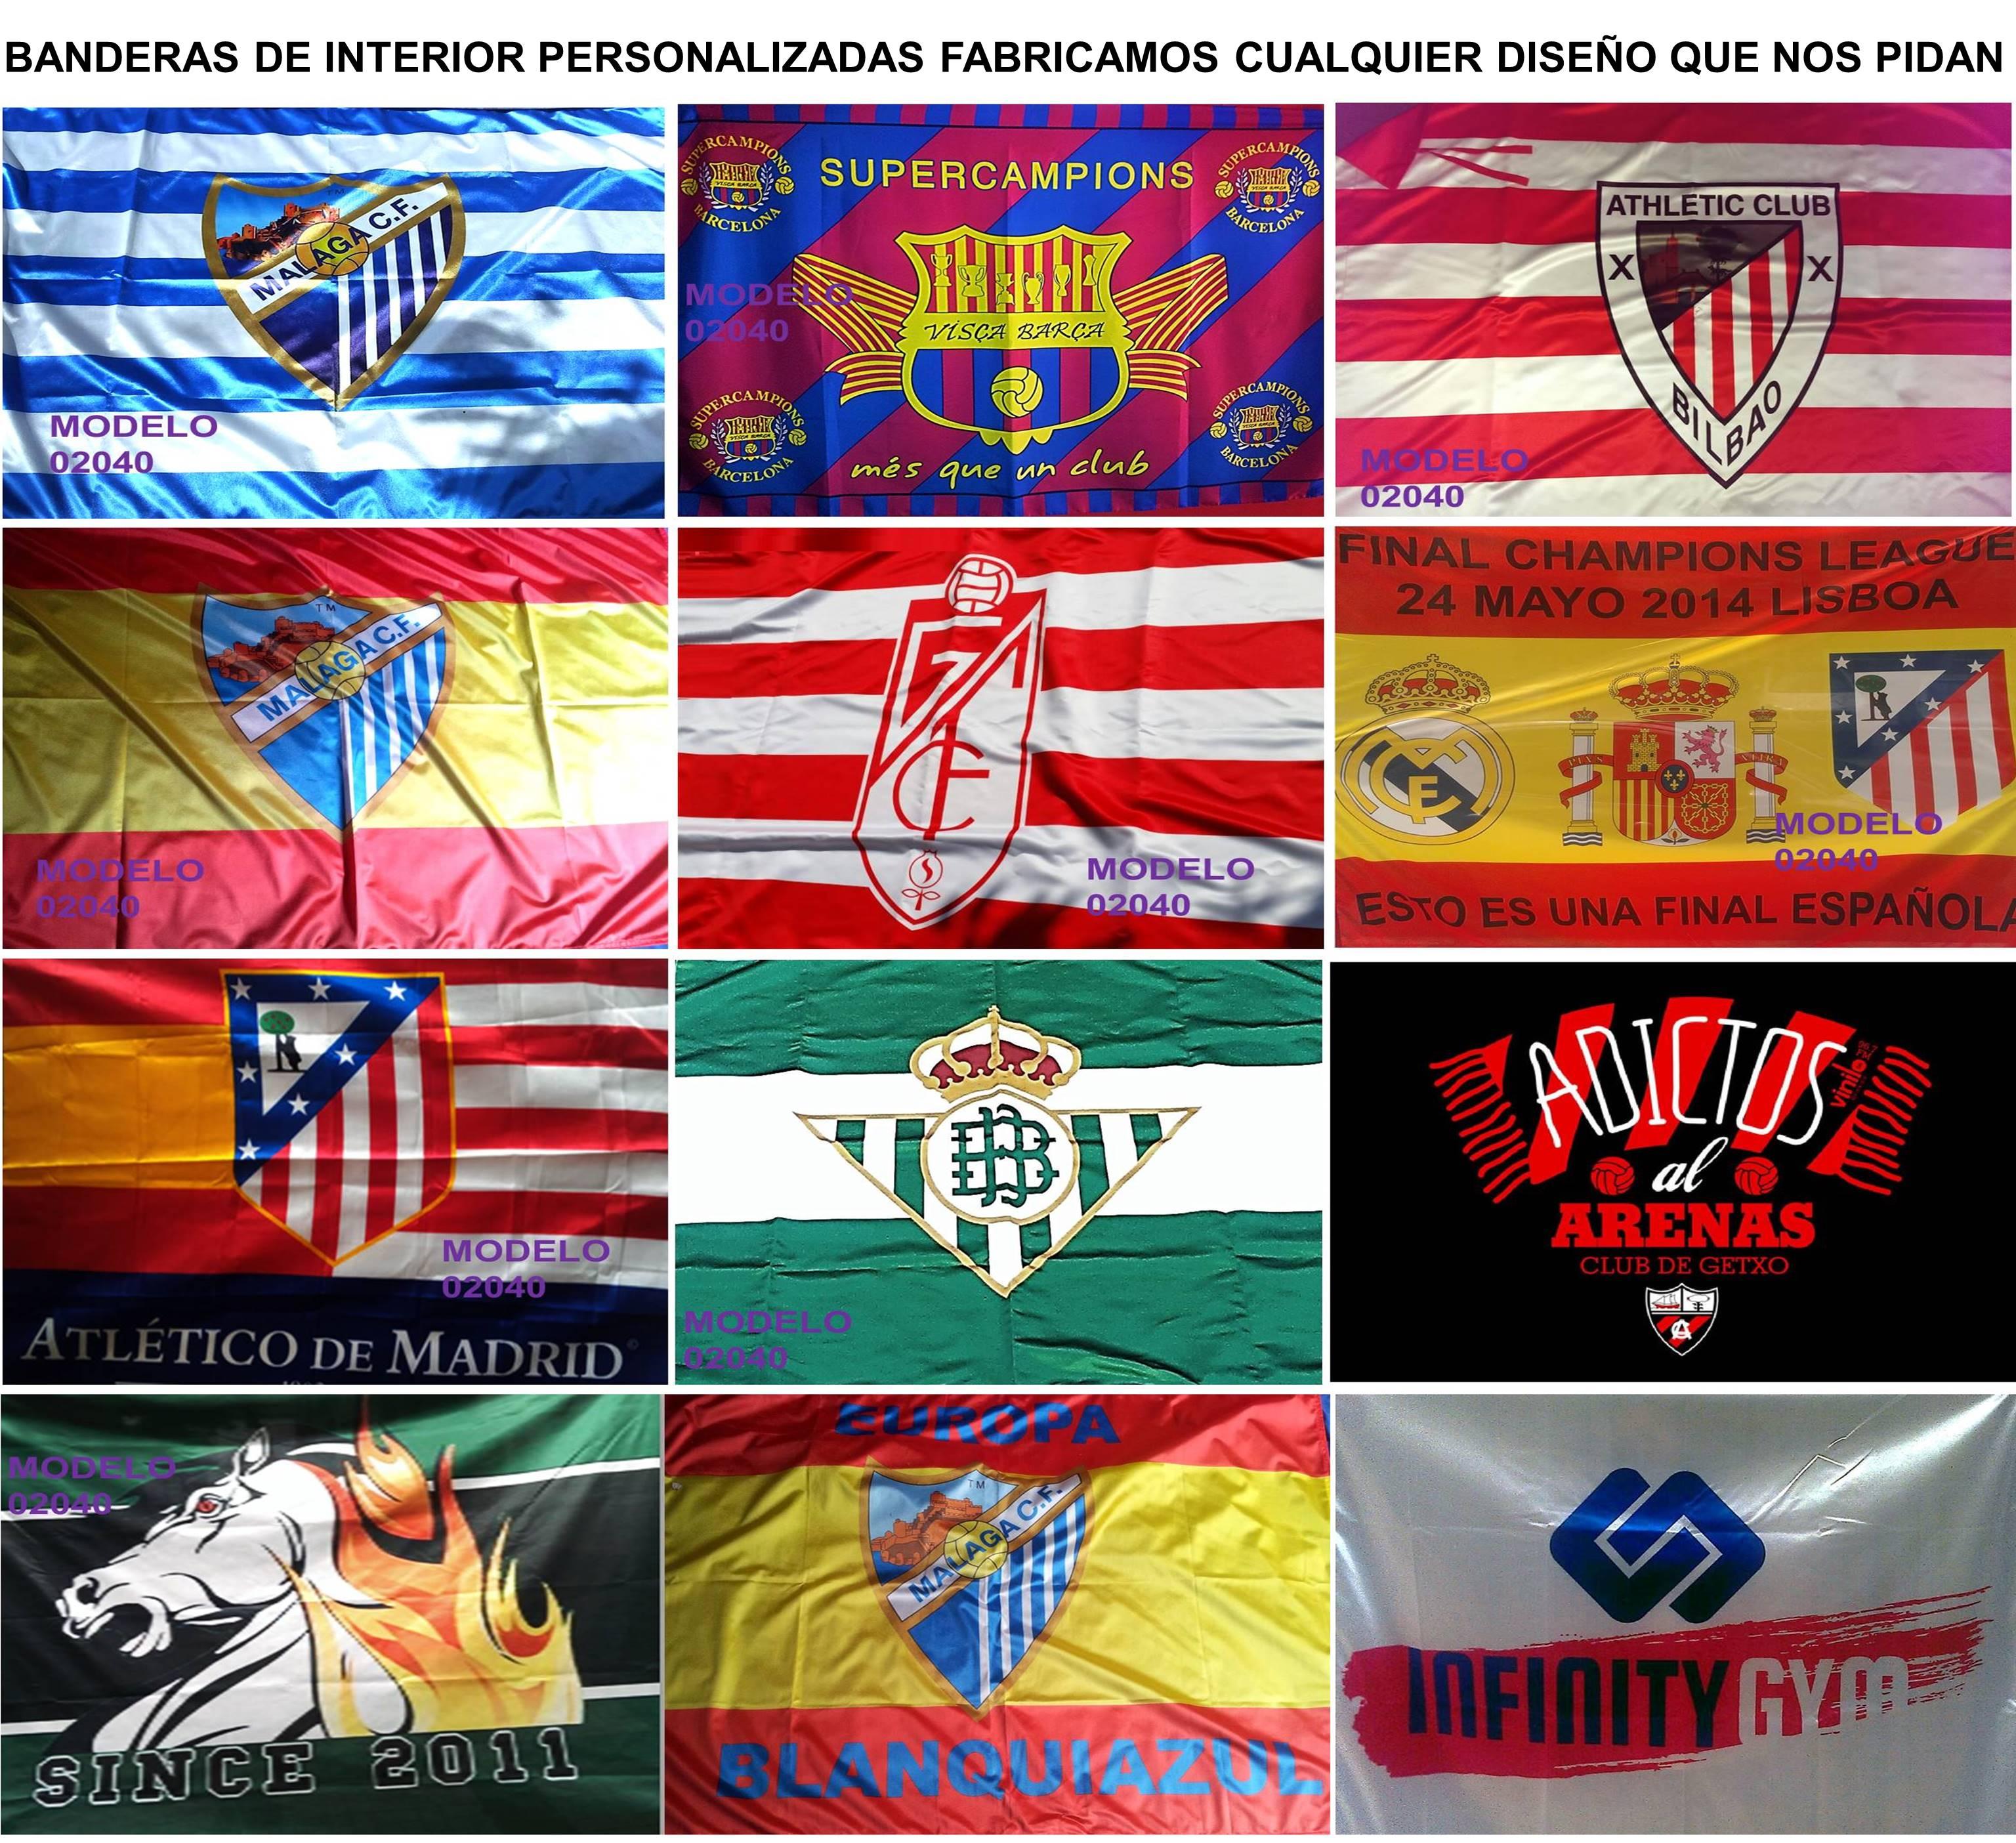 Fabrica de Banderas de interior y exterior personalizadas